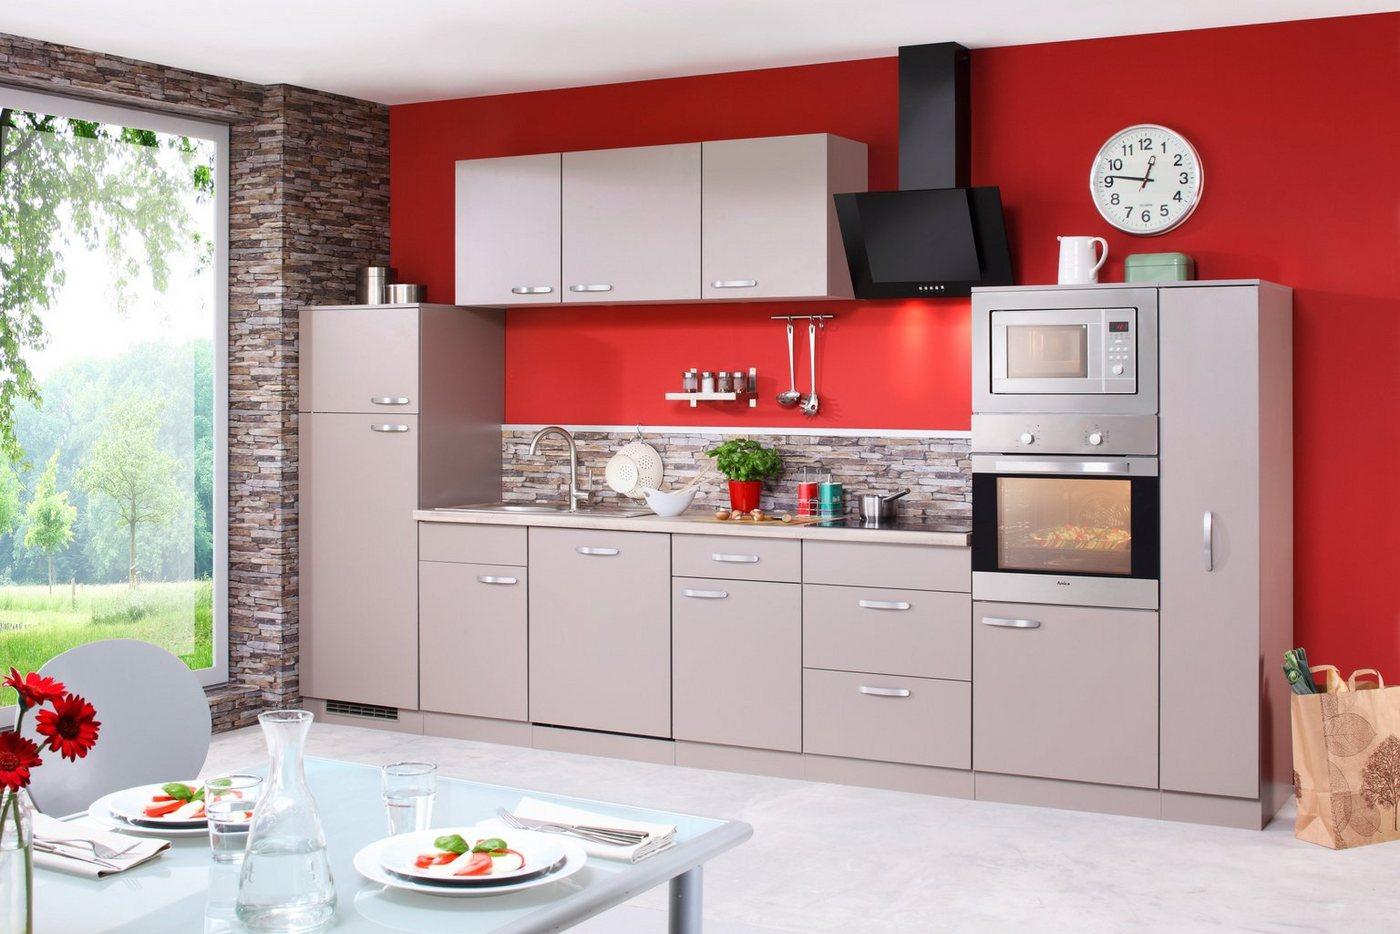 otto Küchenzeilen online kaufen   Möbel-Suchmaschine   ladendirekt.de